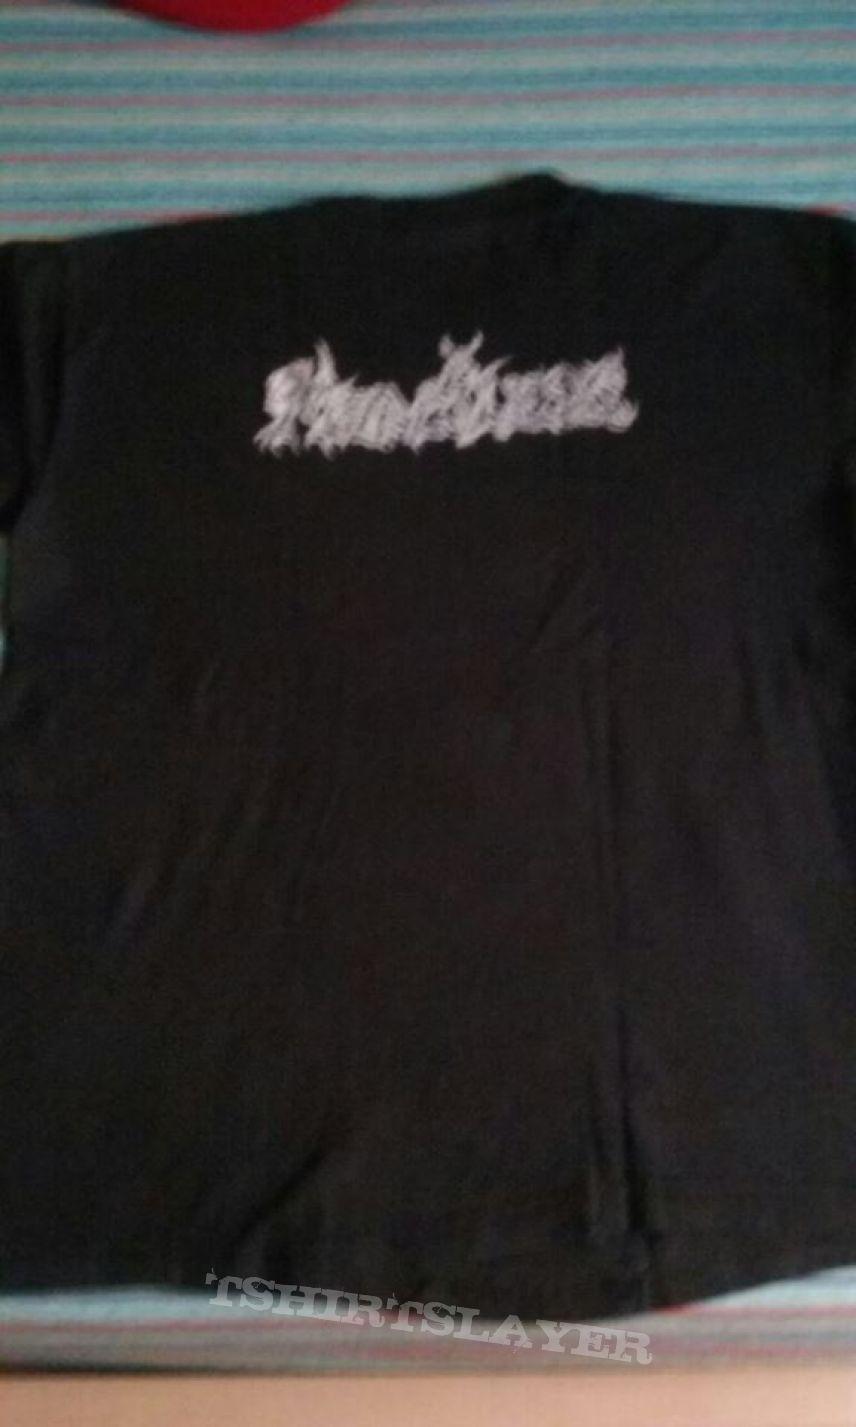 Merciless-The awakening shirt